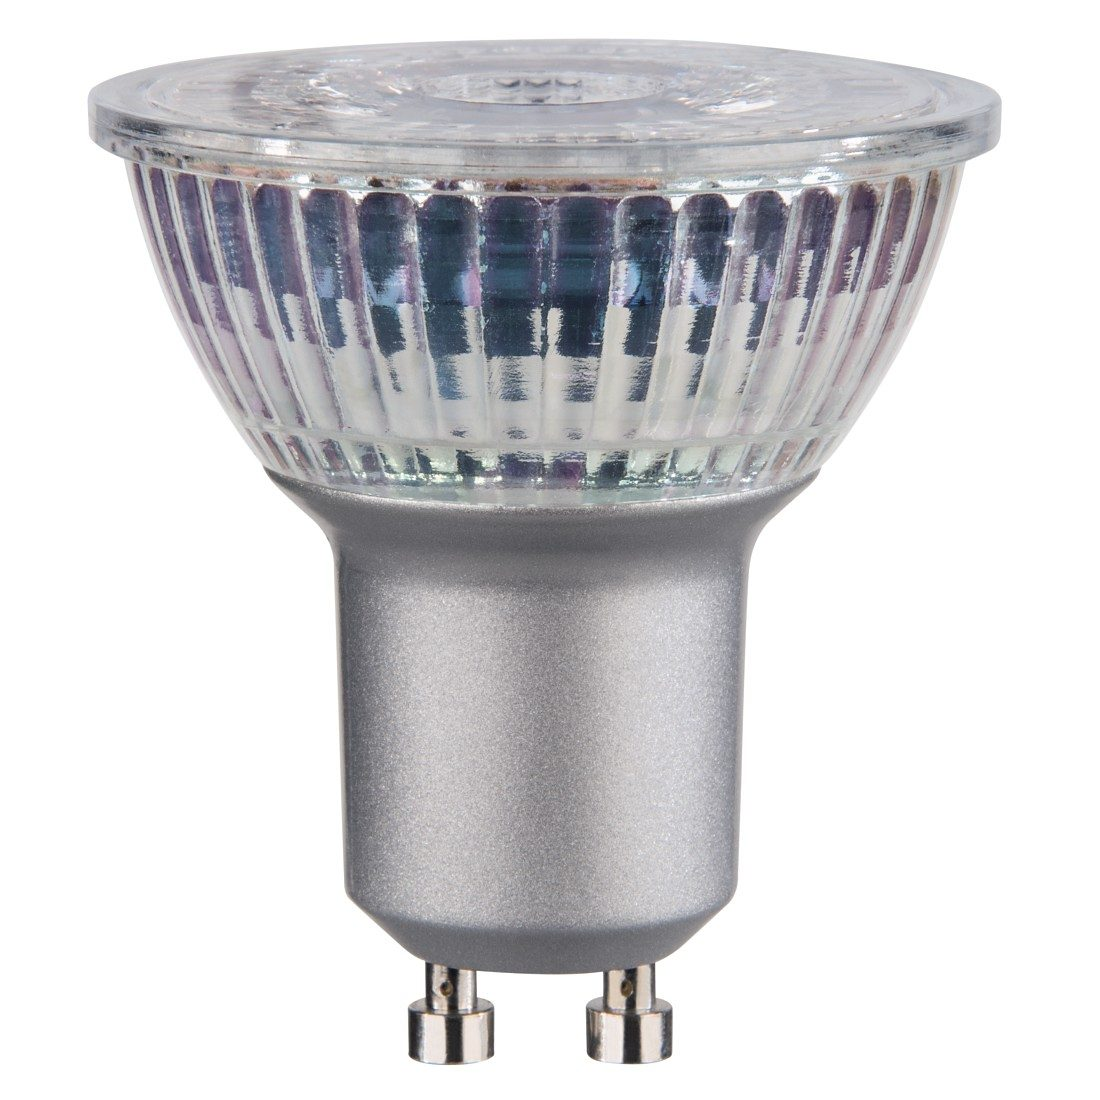 Xavax LED-Reflektorlampe, 4,4W, GU10, PAR16, Warmweiß